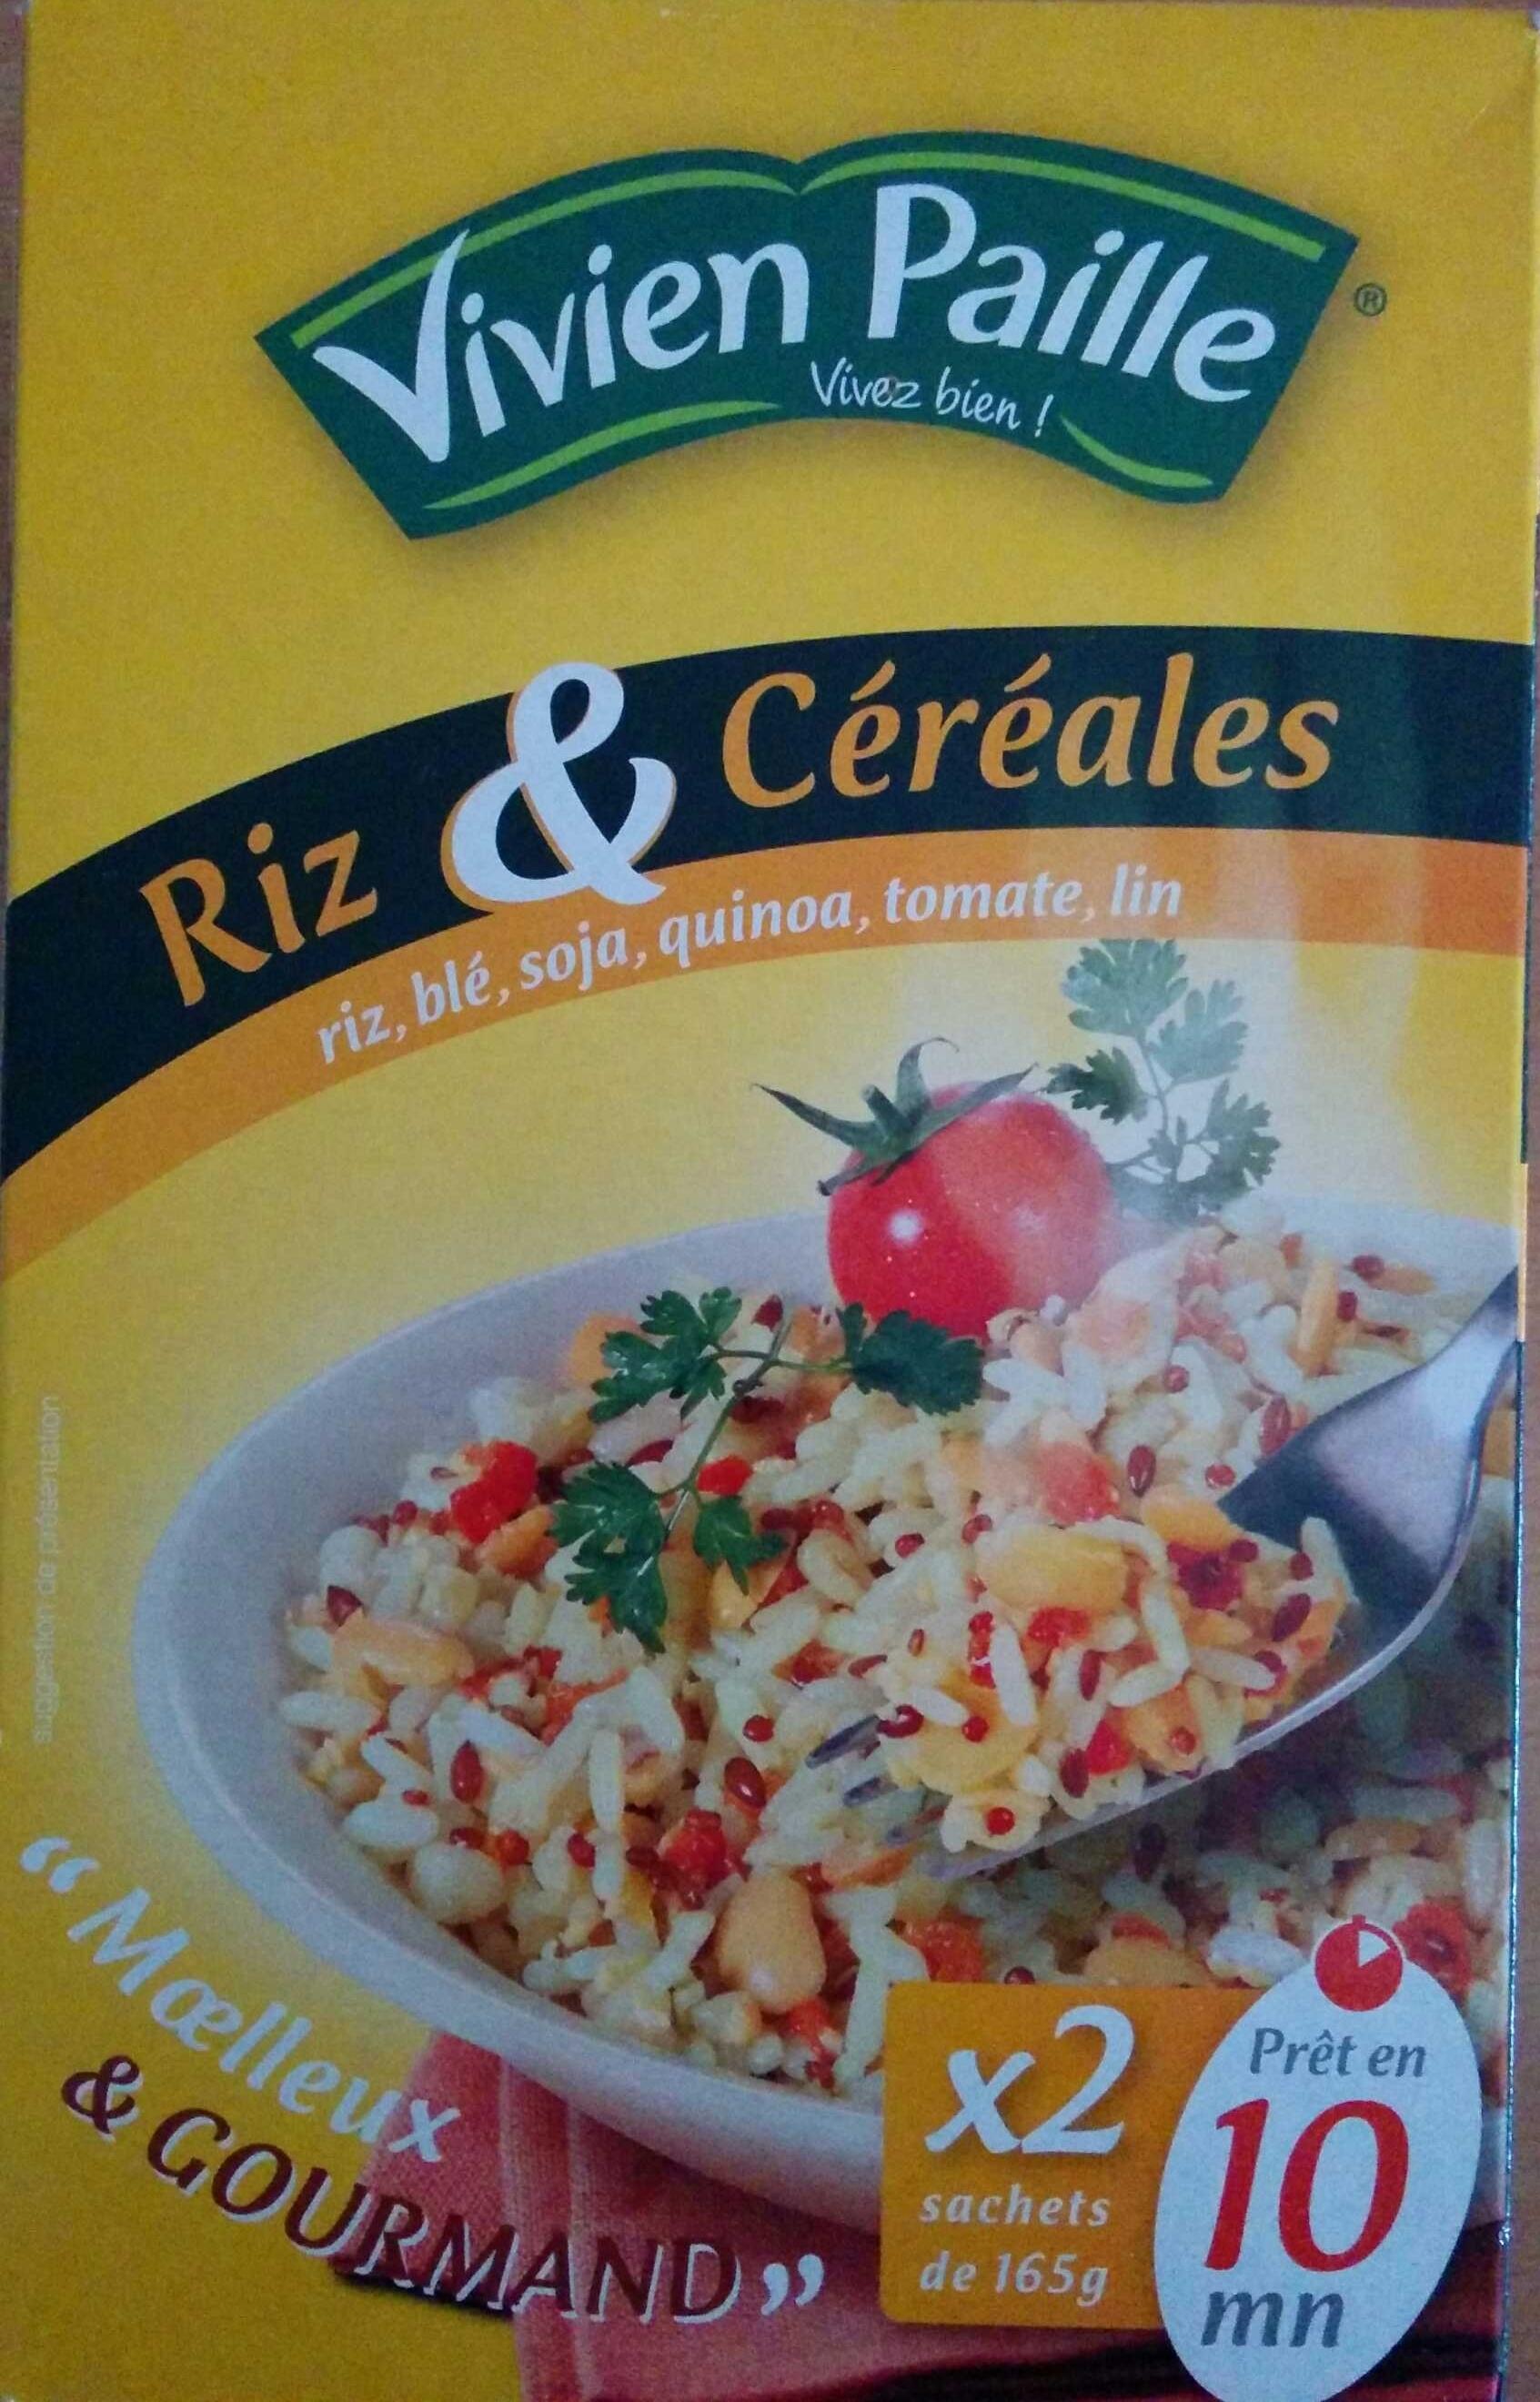 Riz et céréales : riz, blé, soja, quinoa, tomate, lin - Produit - fr